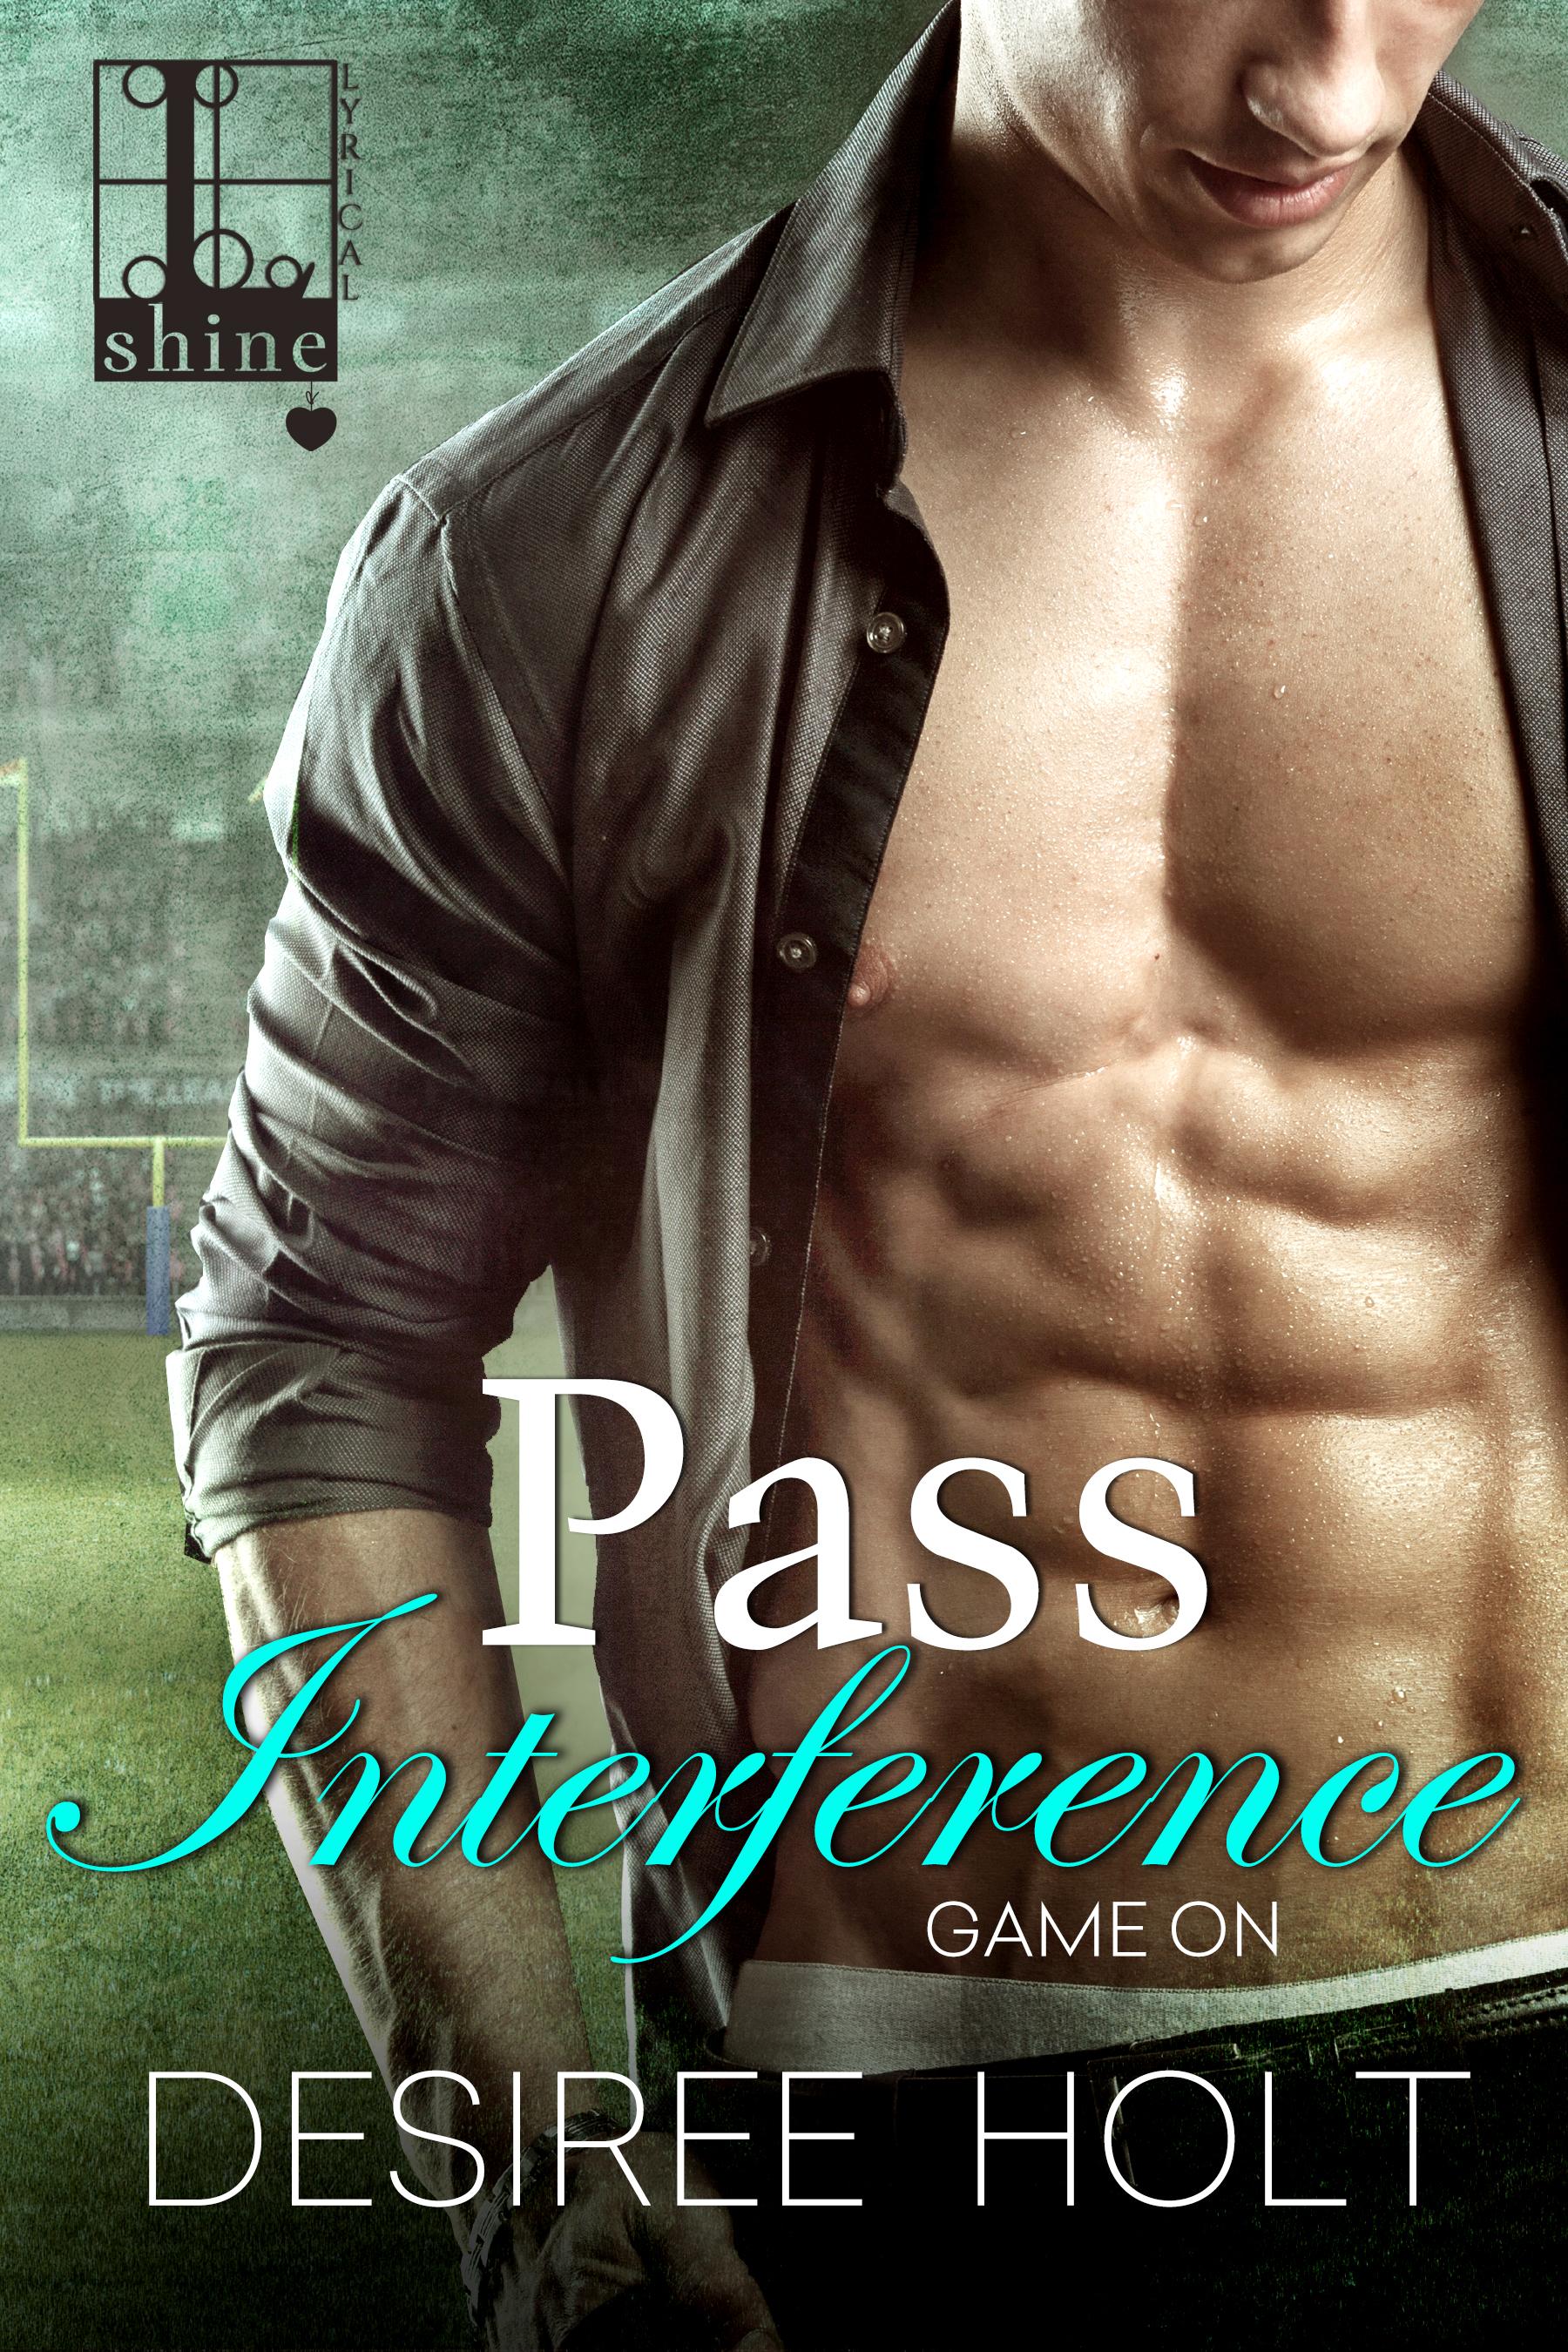 PassInterference